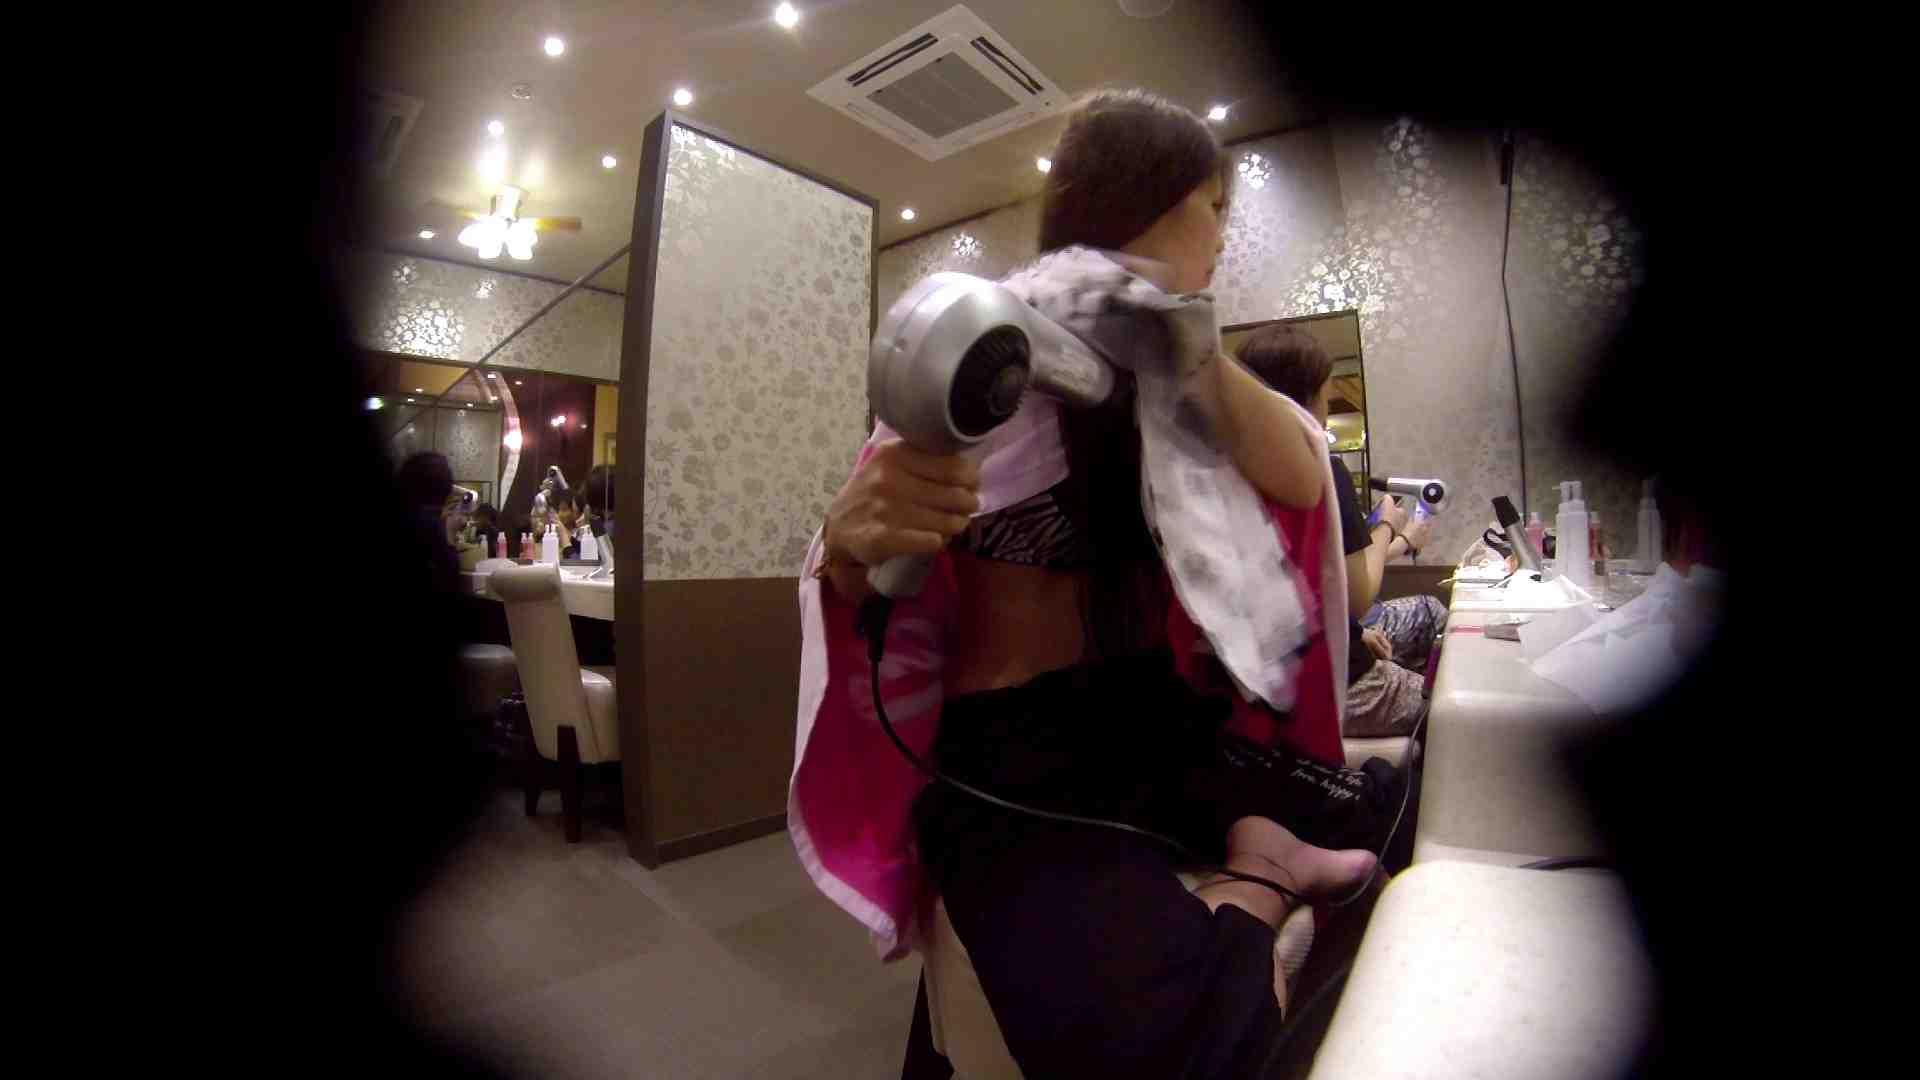 オムニバス!出入り口~シャワー~メイク室と移動。たくさんの女性が登場します 女湯のぞき ヌード画像 81枚 57